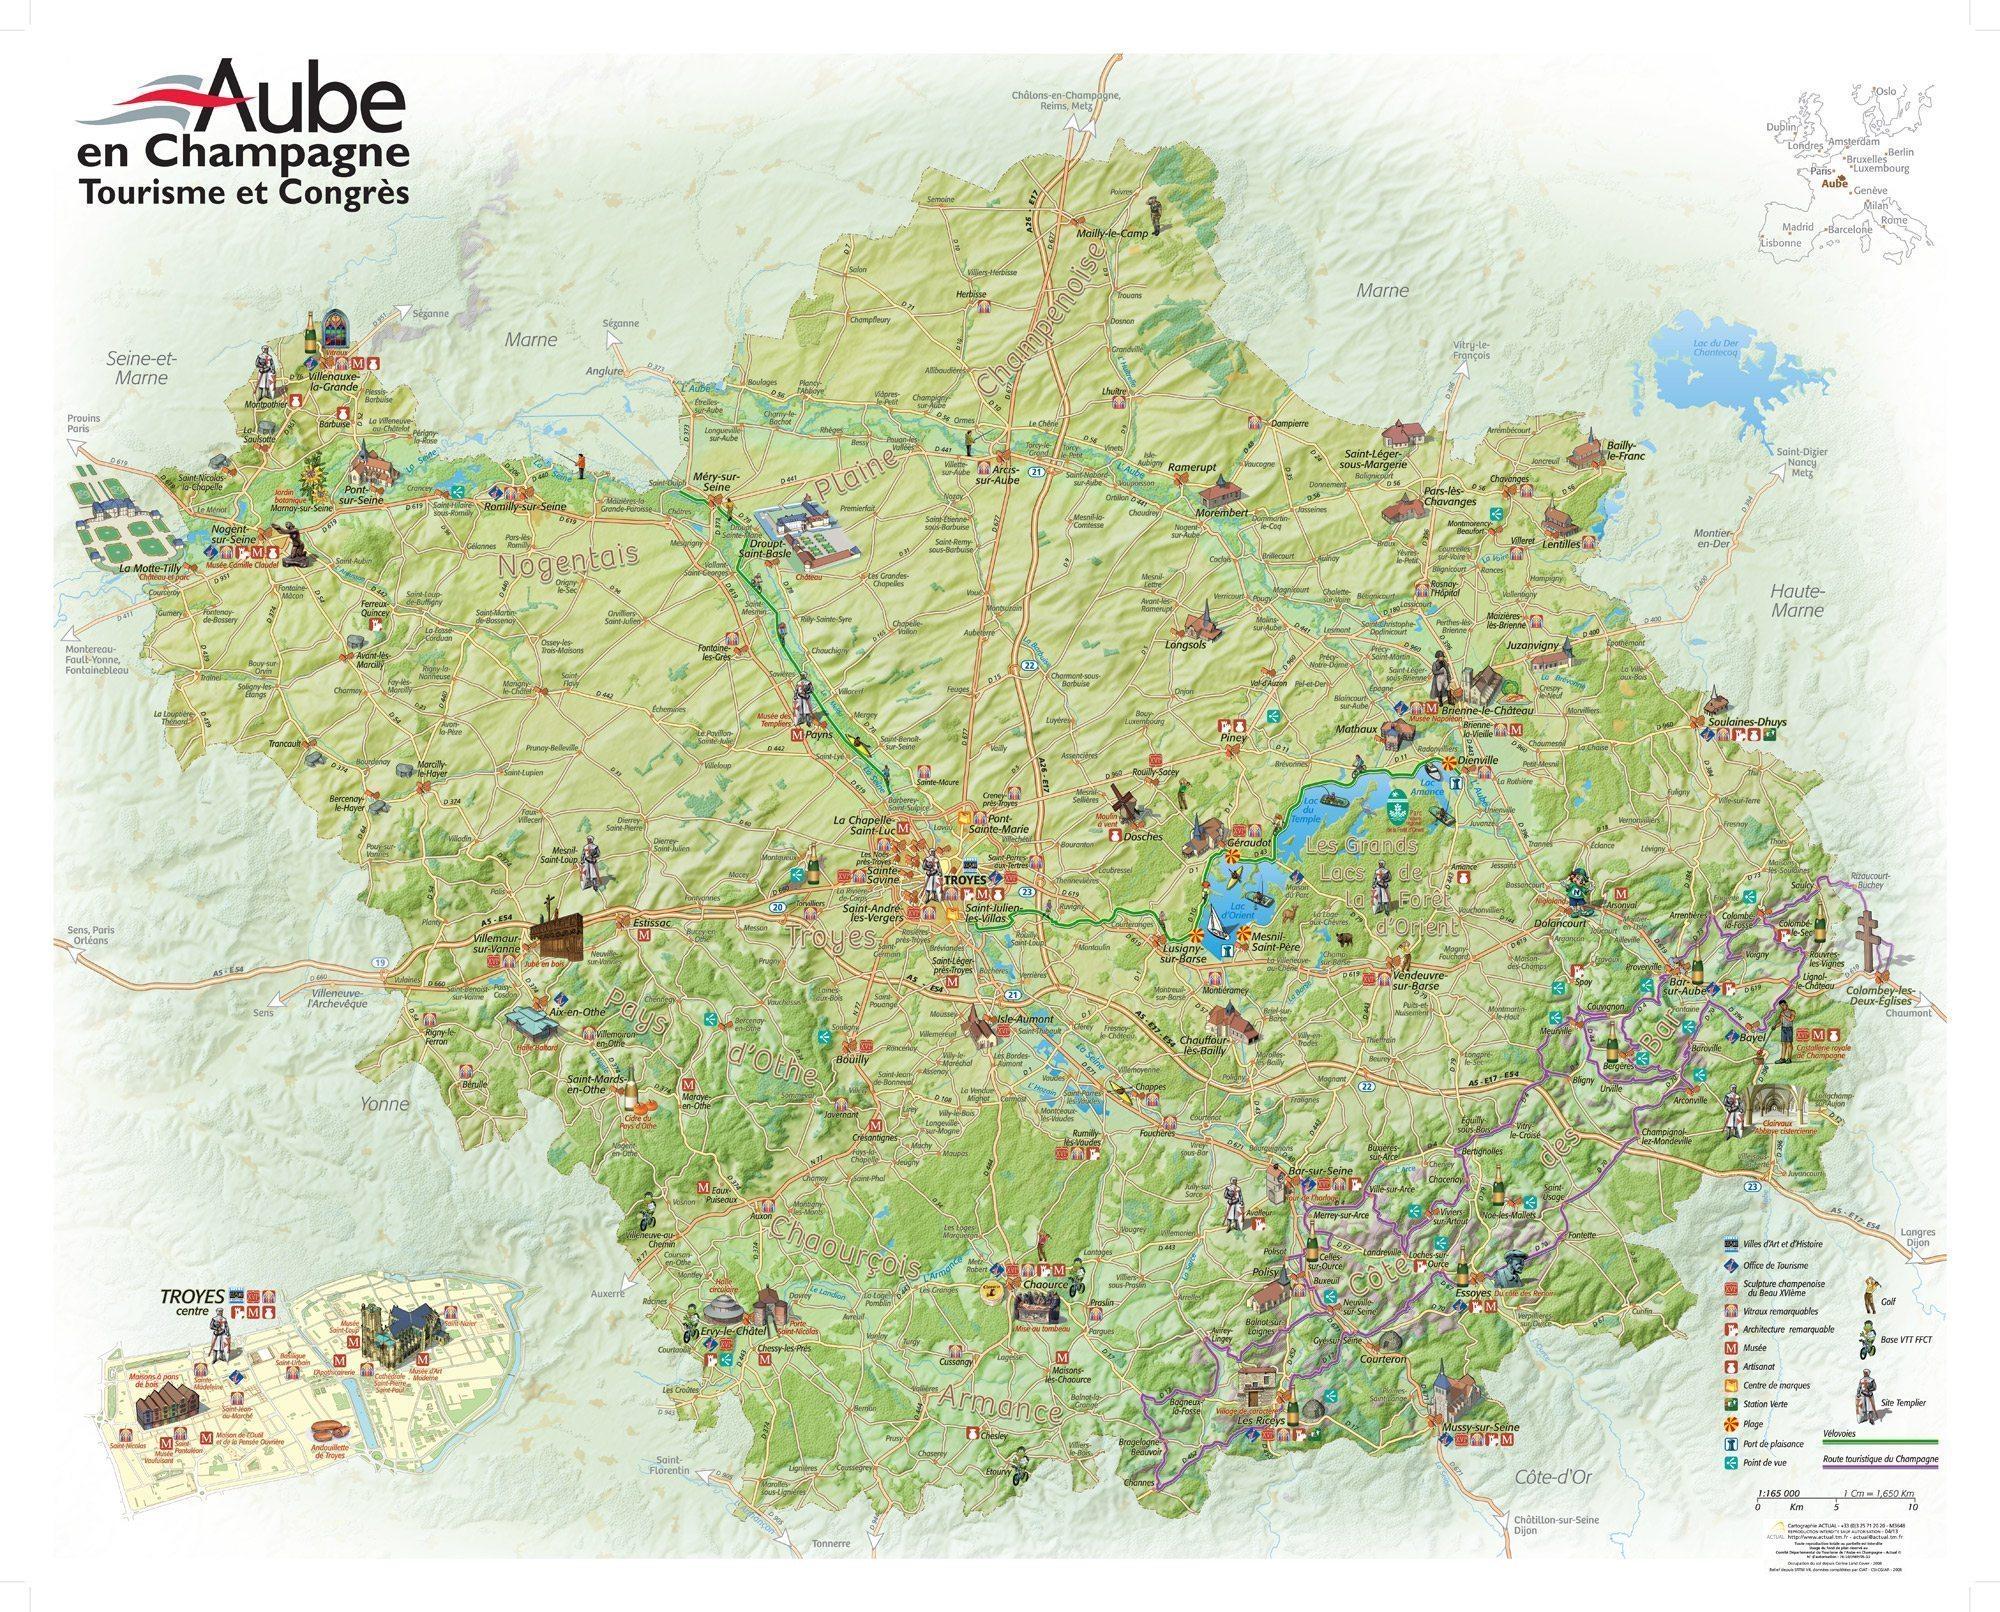 Carte touristique <br> de l&#039;Aube en Champagne